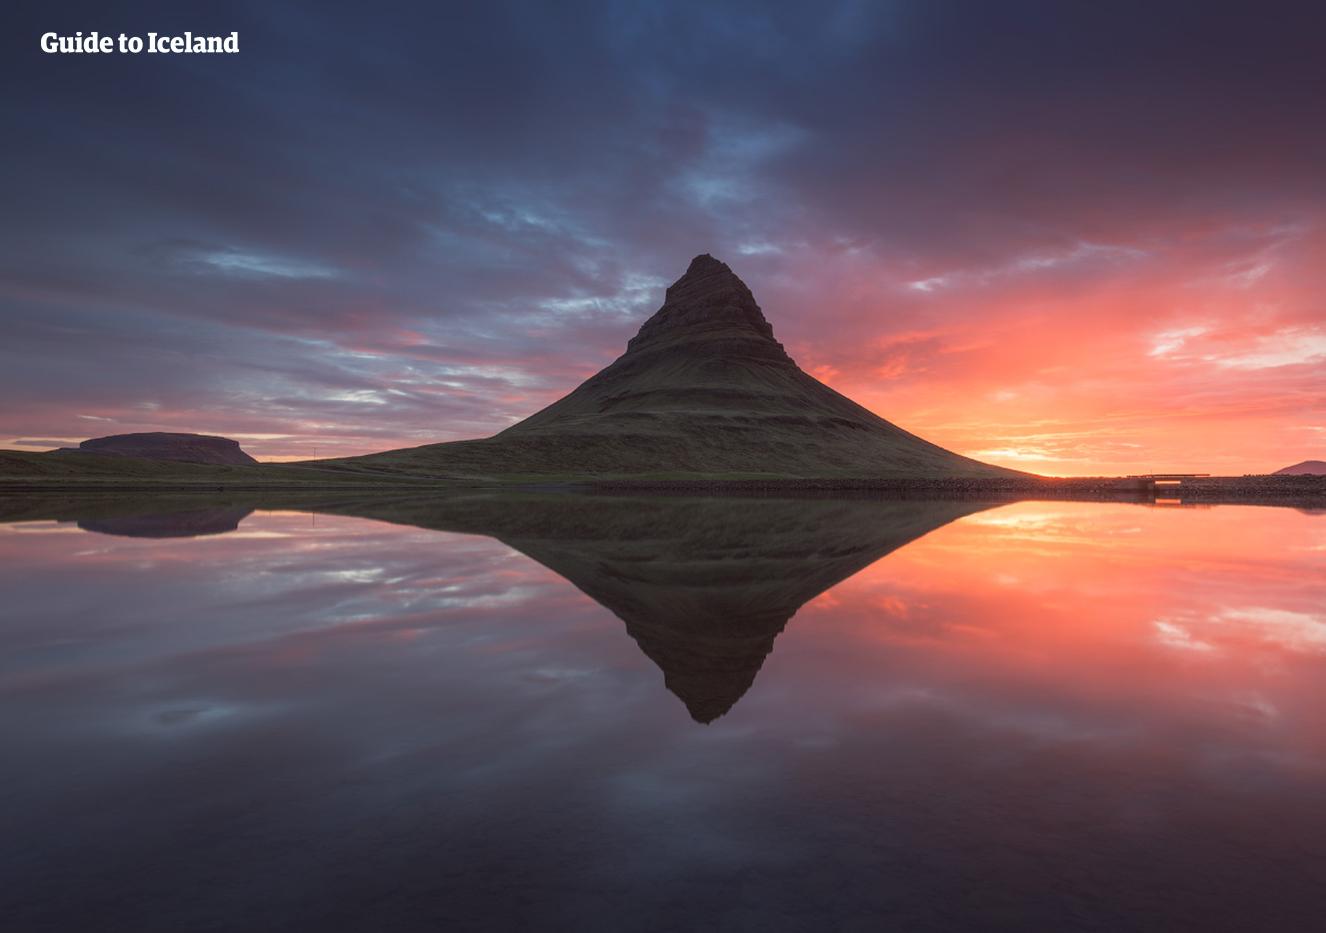 形状完美对称的教会山(草帽山)